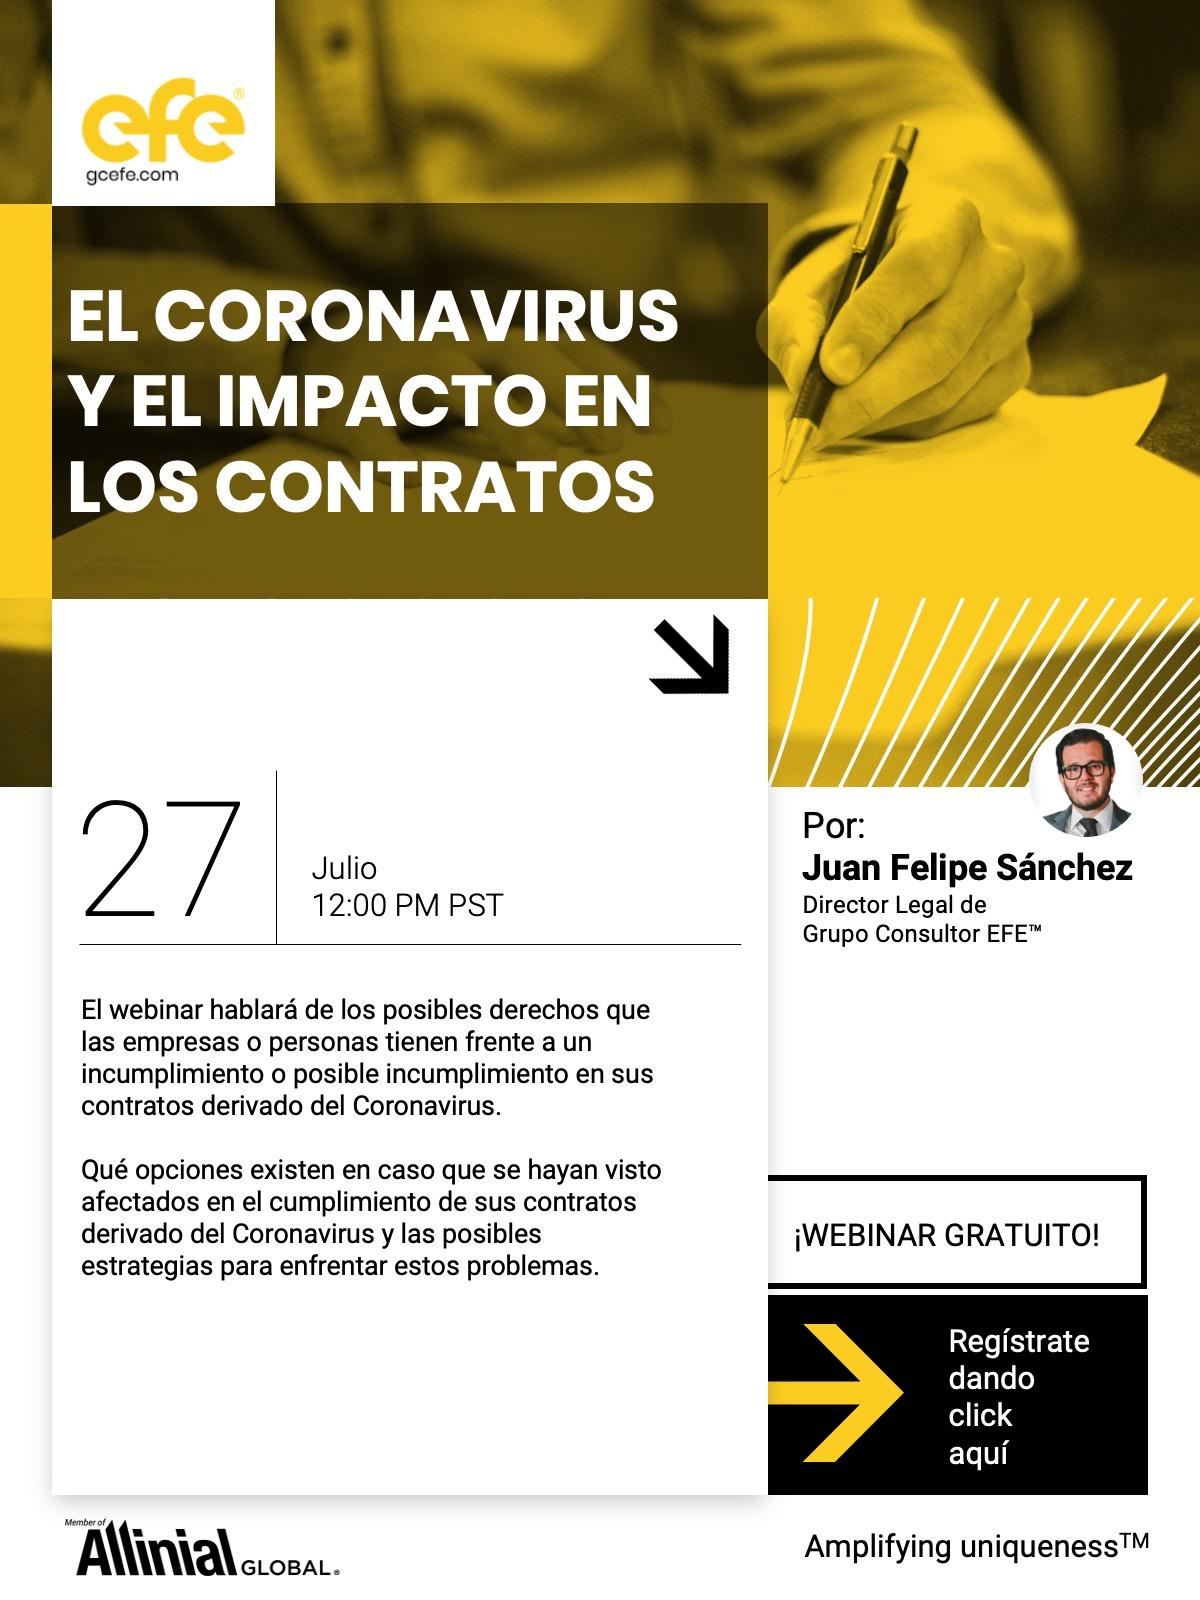 El Coronavirus Y El Impacto En Los Contratos